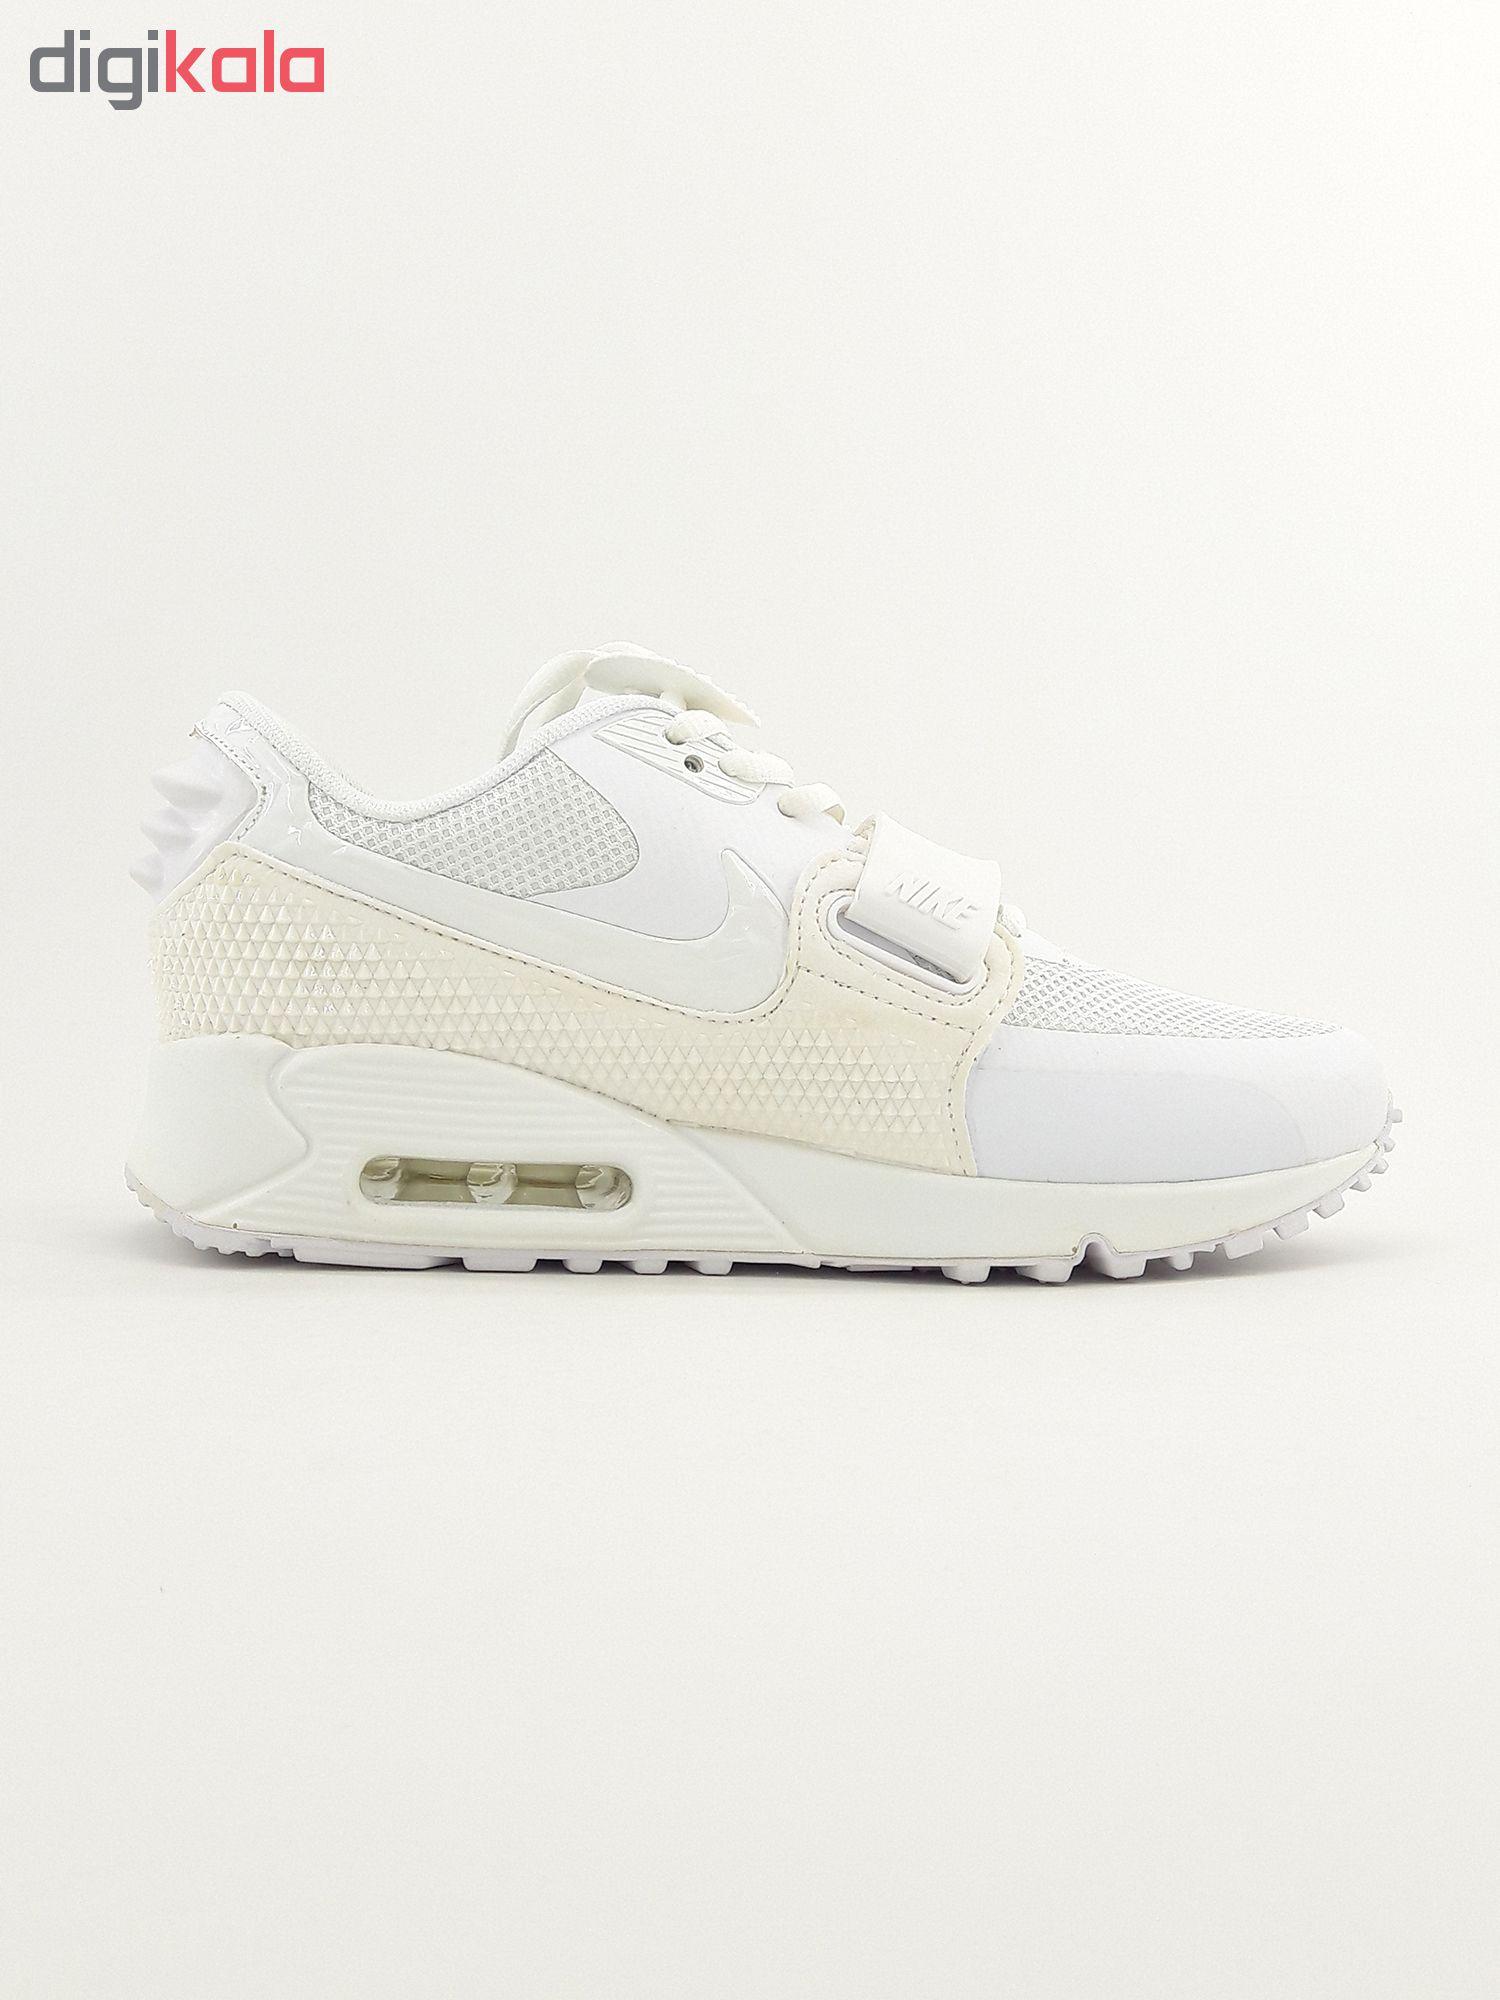 کفش راحتی زنانه نایکی مدل Yeezy 2 sp 508214-604